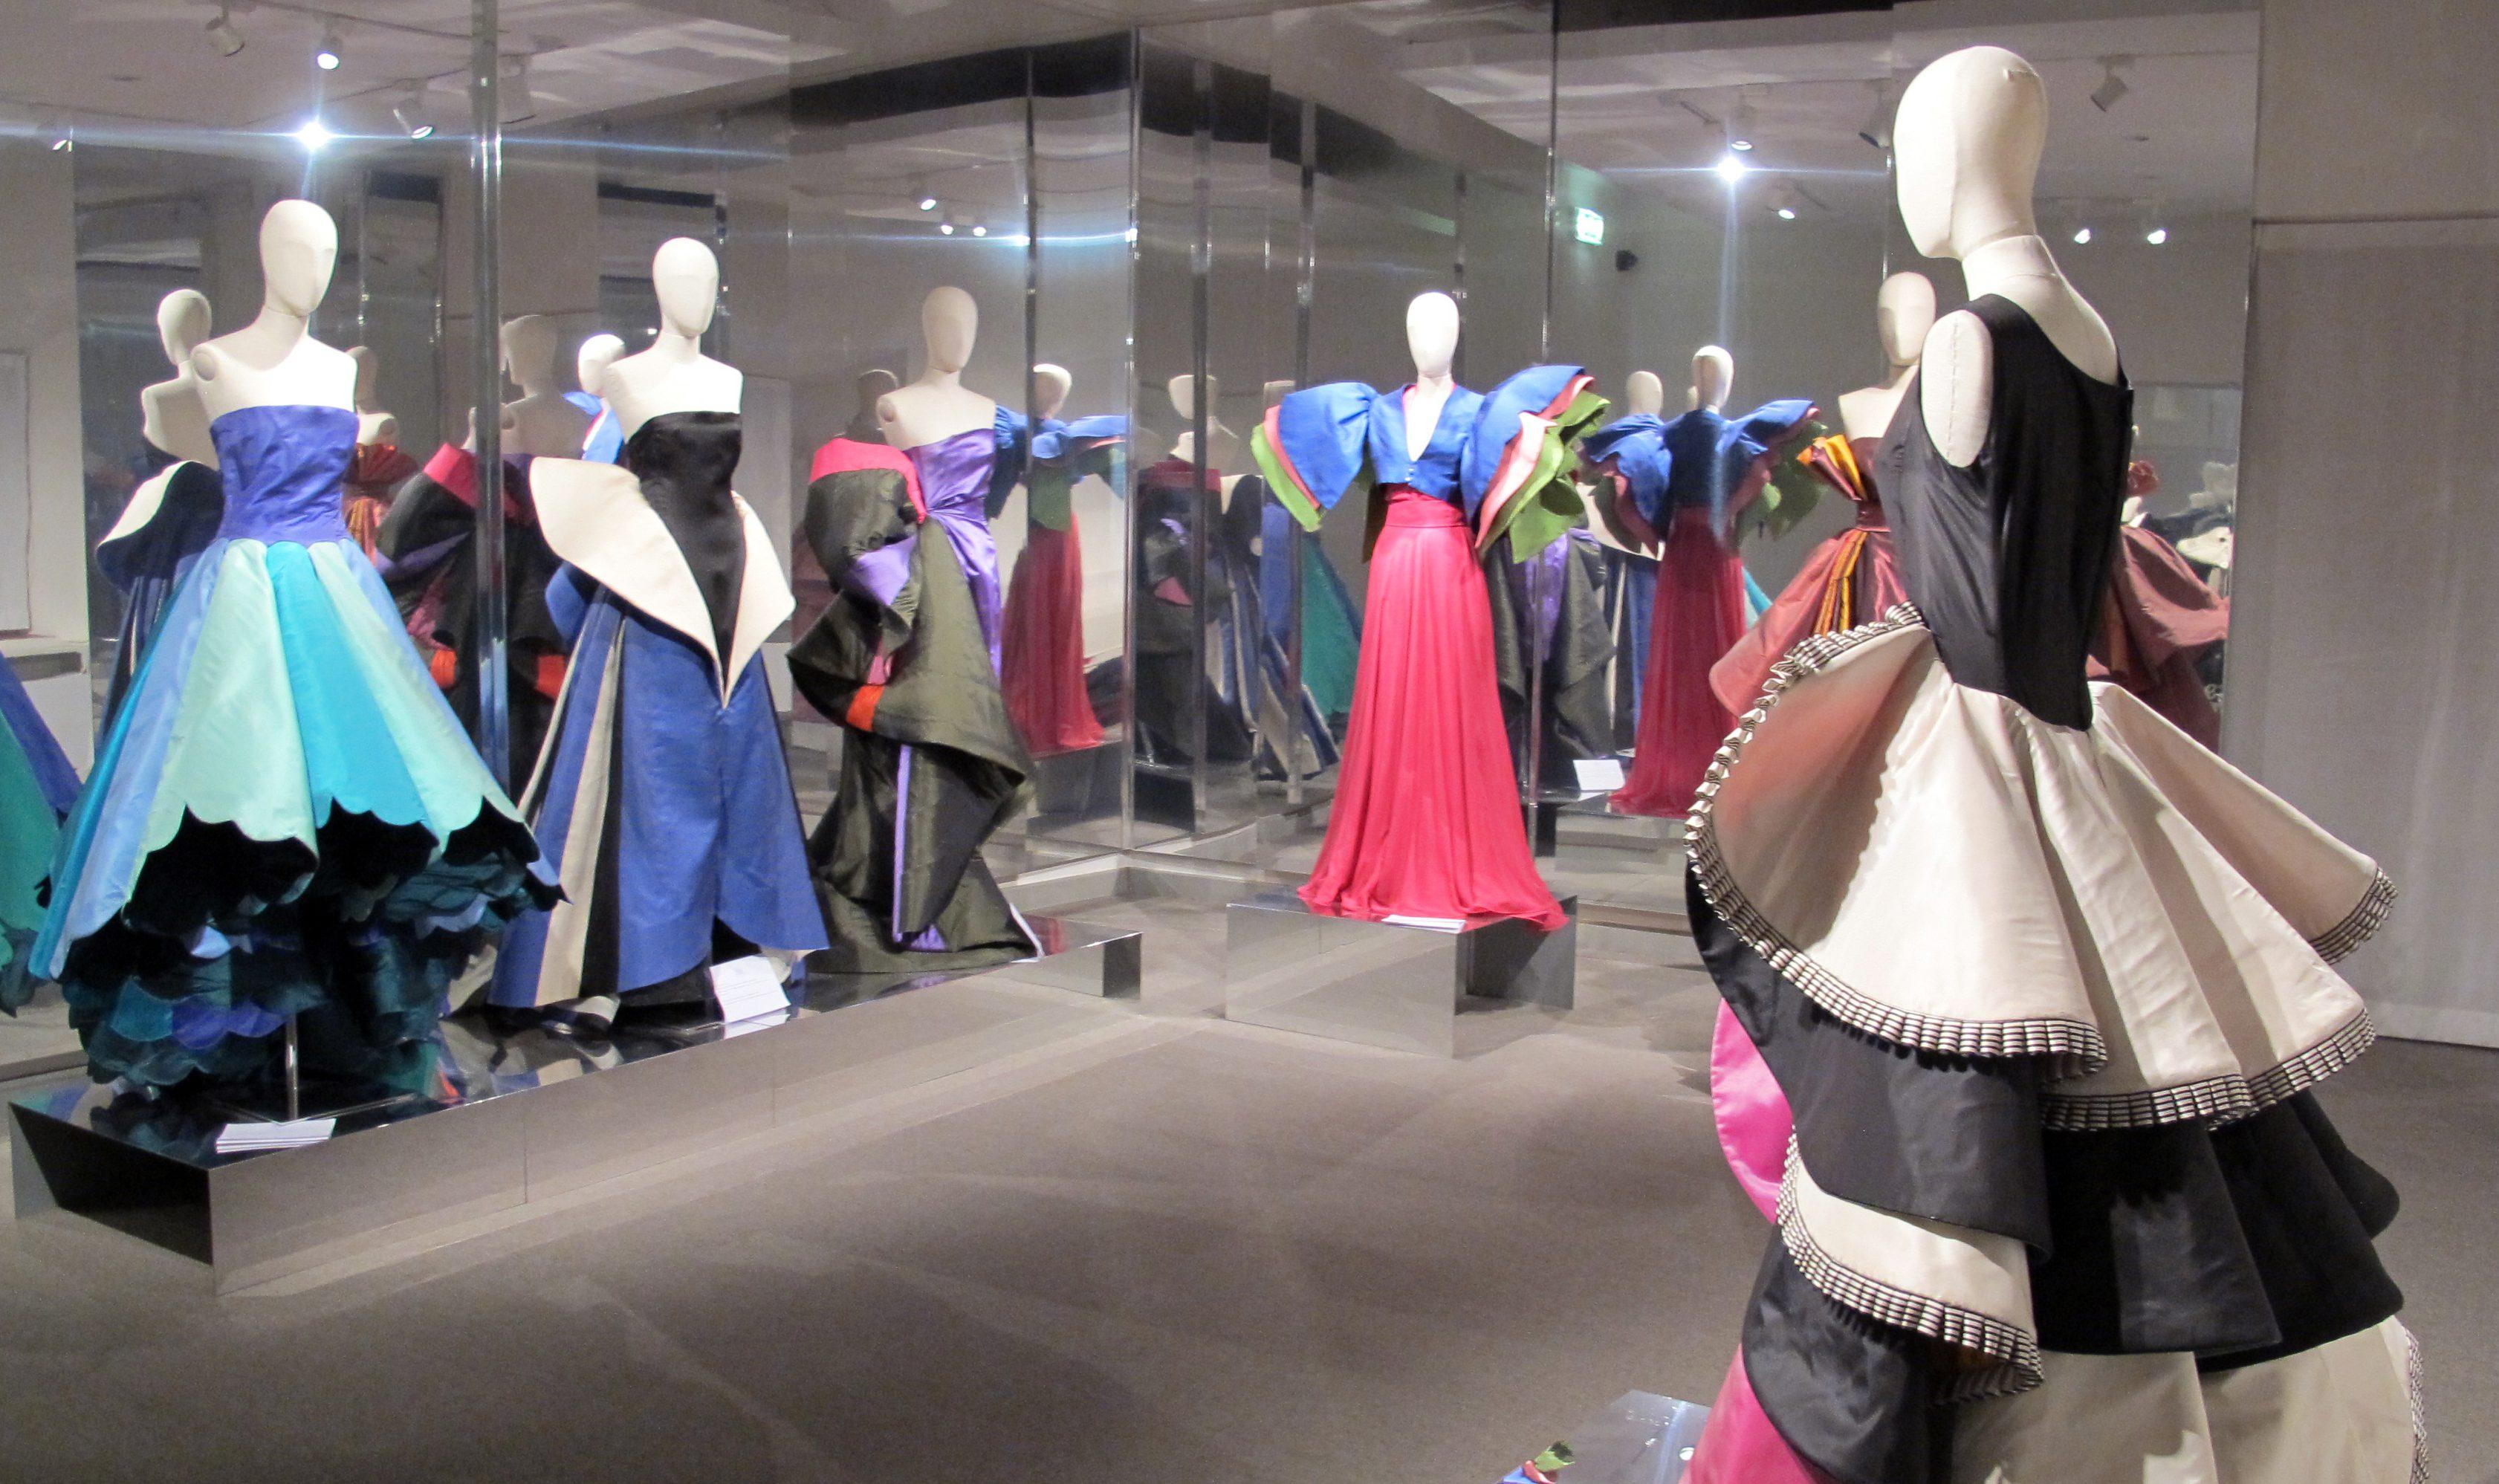 413d9ff47df9 I 5 musei italiani di moda e costume da visitare assolutamente ...